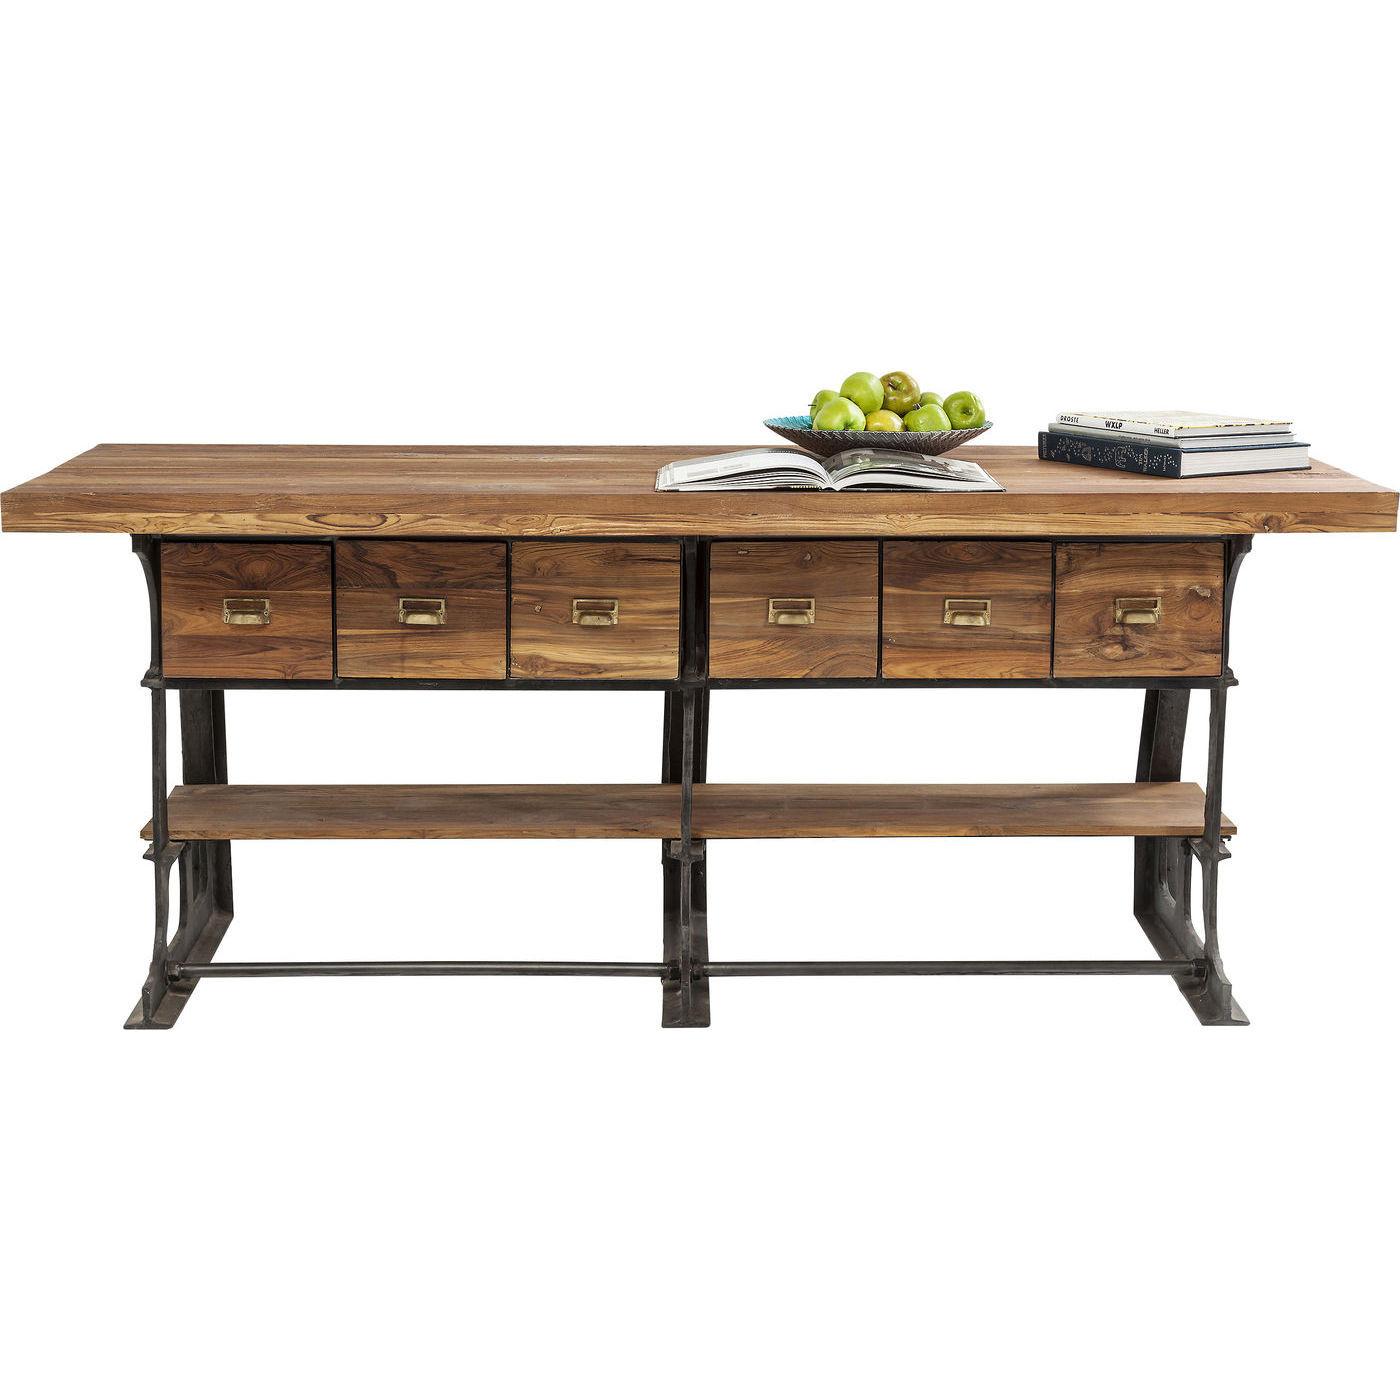 tisch showcase counter table kare design mutoni m bel. Black Bedroom Furniture Sets. Home Design Ideas